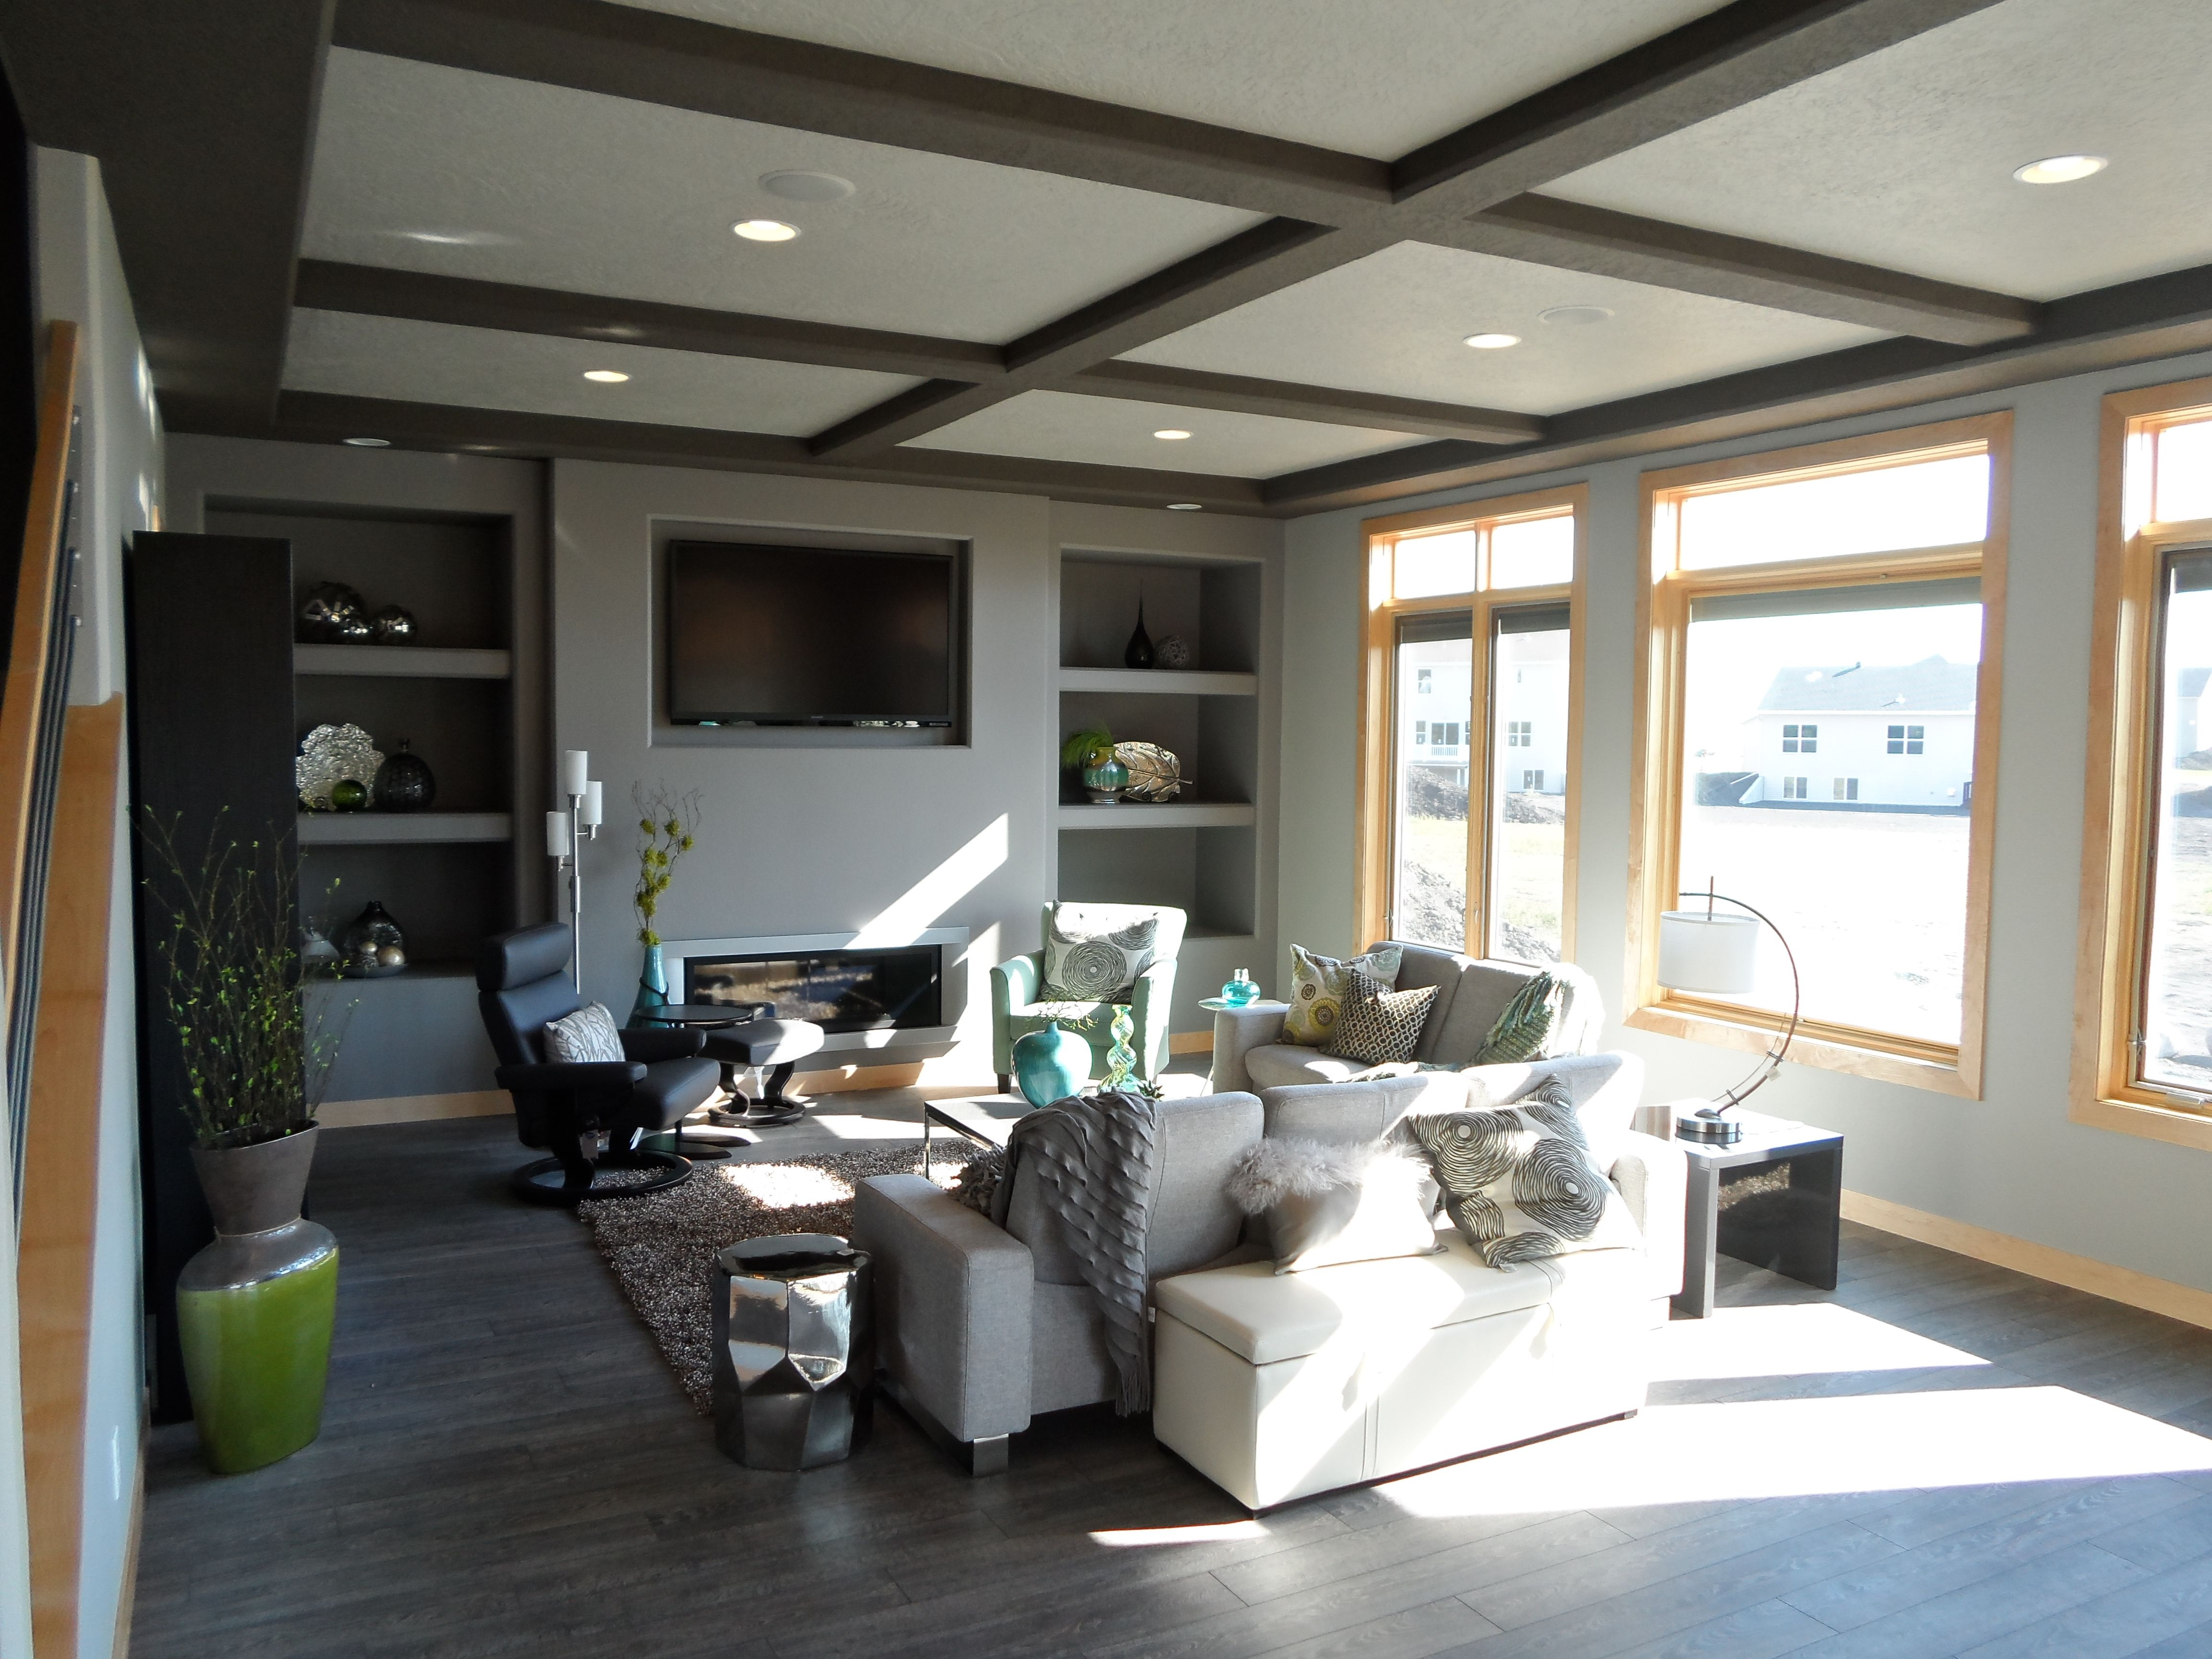 Designer Homes - Living Room - Pinterest - Personal Taste